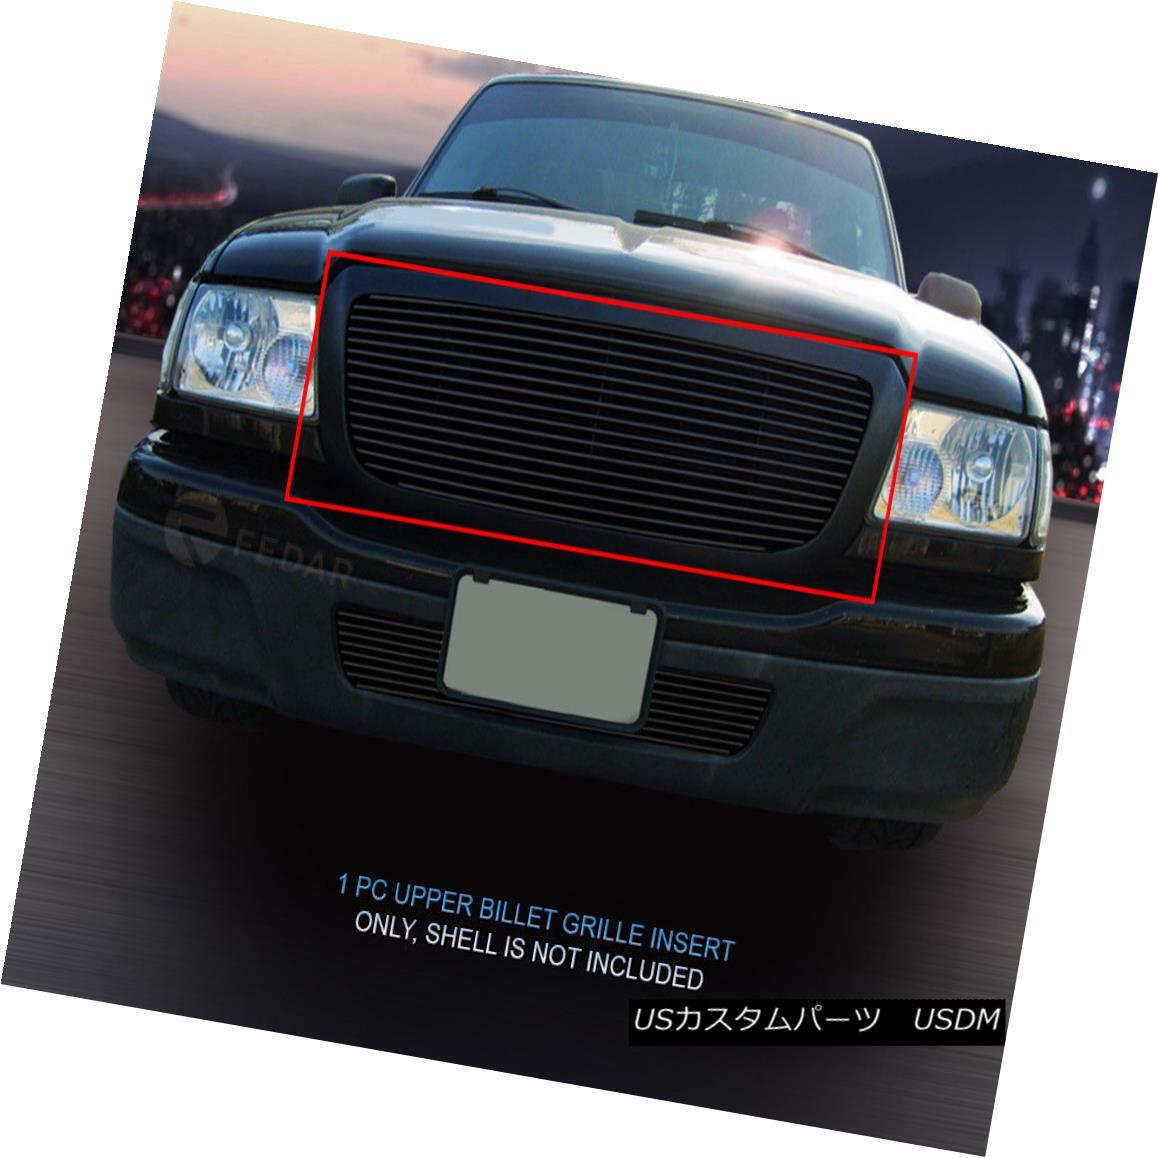 グリル For 04-05 Ford Ranger Black Billet Grille Grill Upper Insert 1 PC Fedar 04-05 For Ford Rangerブラックビレットグリルグリルアッパーインサート1 PC Fedar